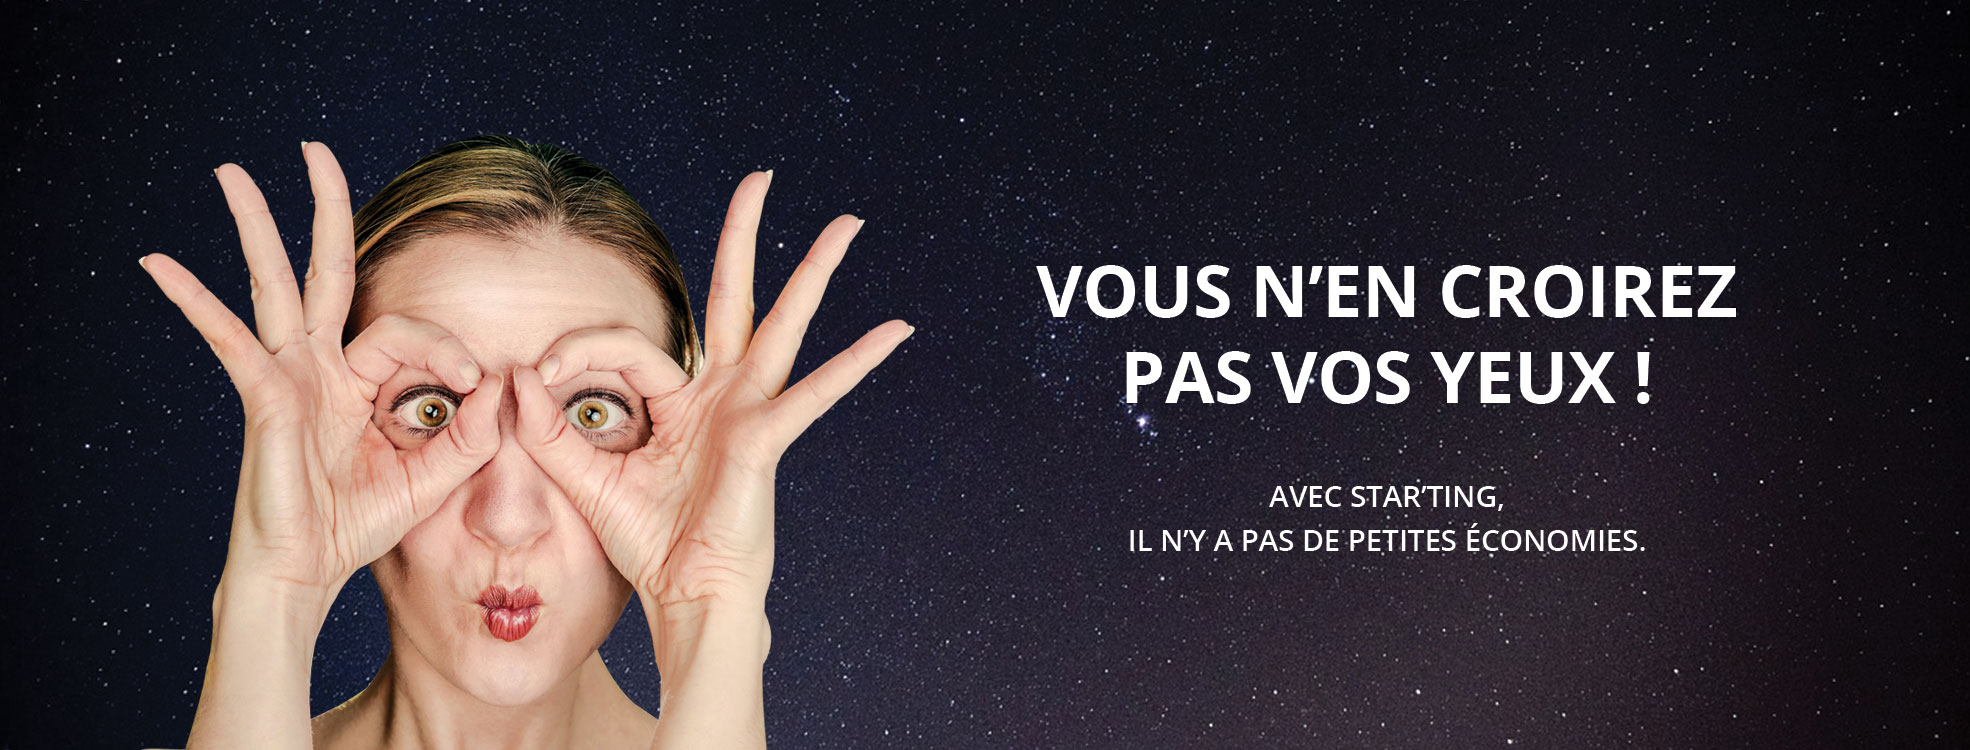 Starting Credits - Starting crédits - courtier à Rennes pour vos prêts immobiliers, rachat de prêt ou assurance de prêts bandeau big one